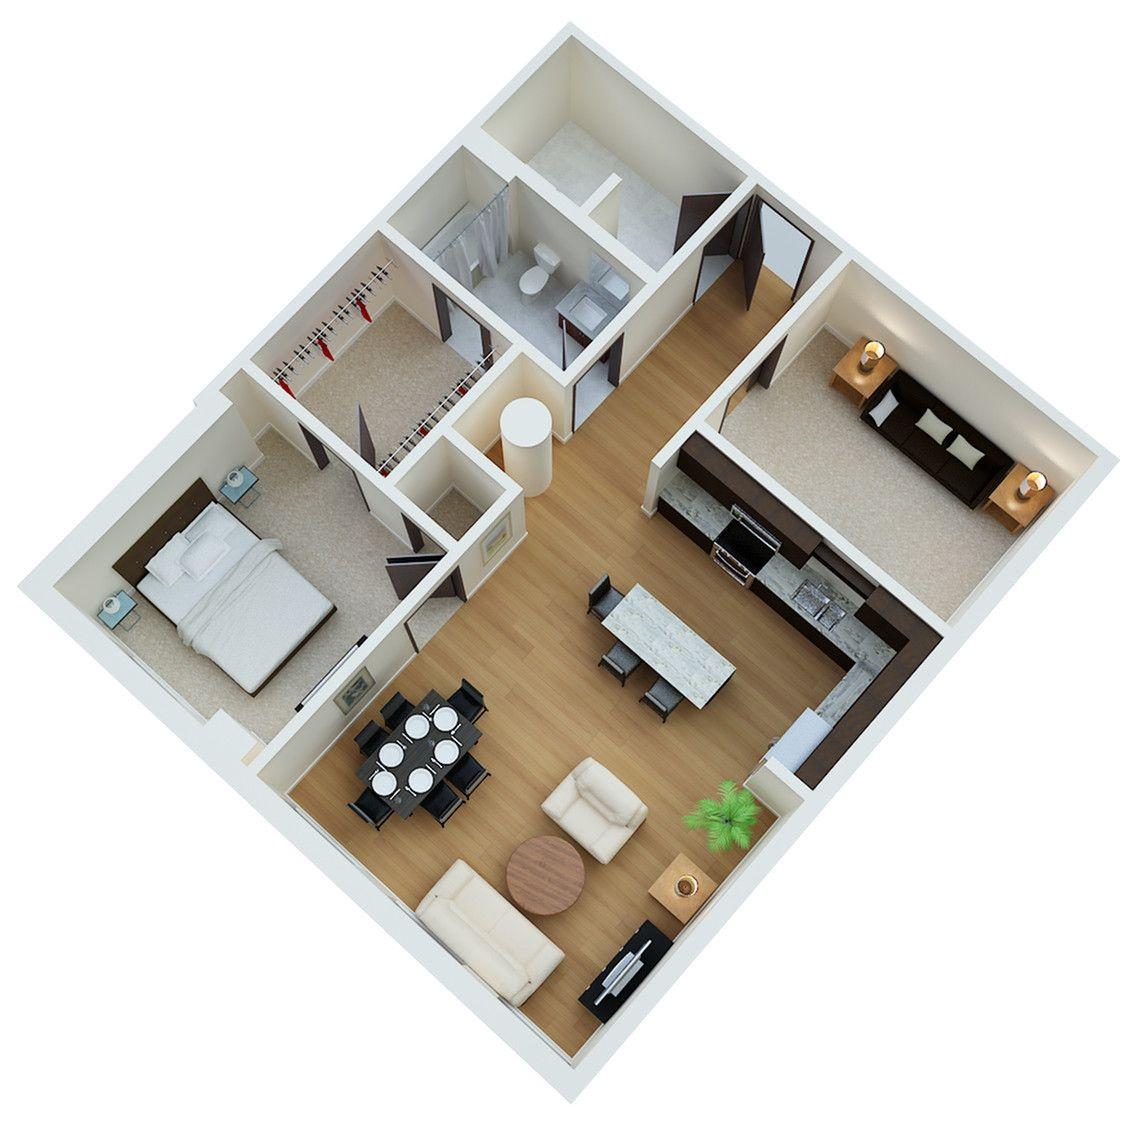 Dillinger 1 Bedroom Den Building Furniture 3 Bedroom Floor Plan Floor Plans